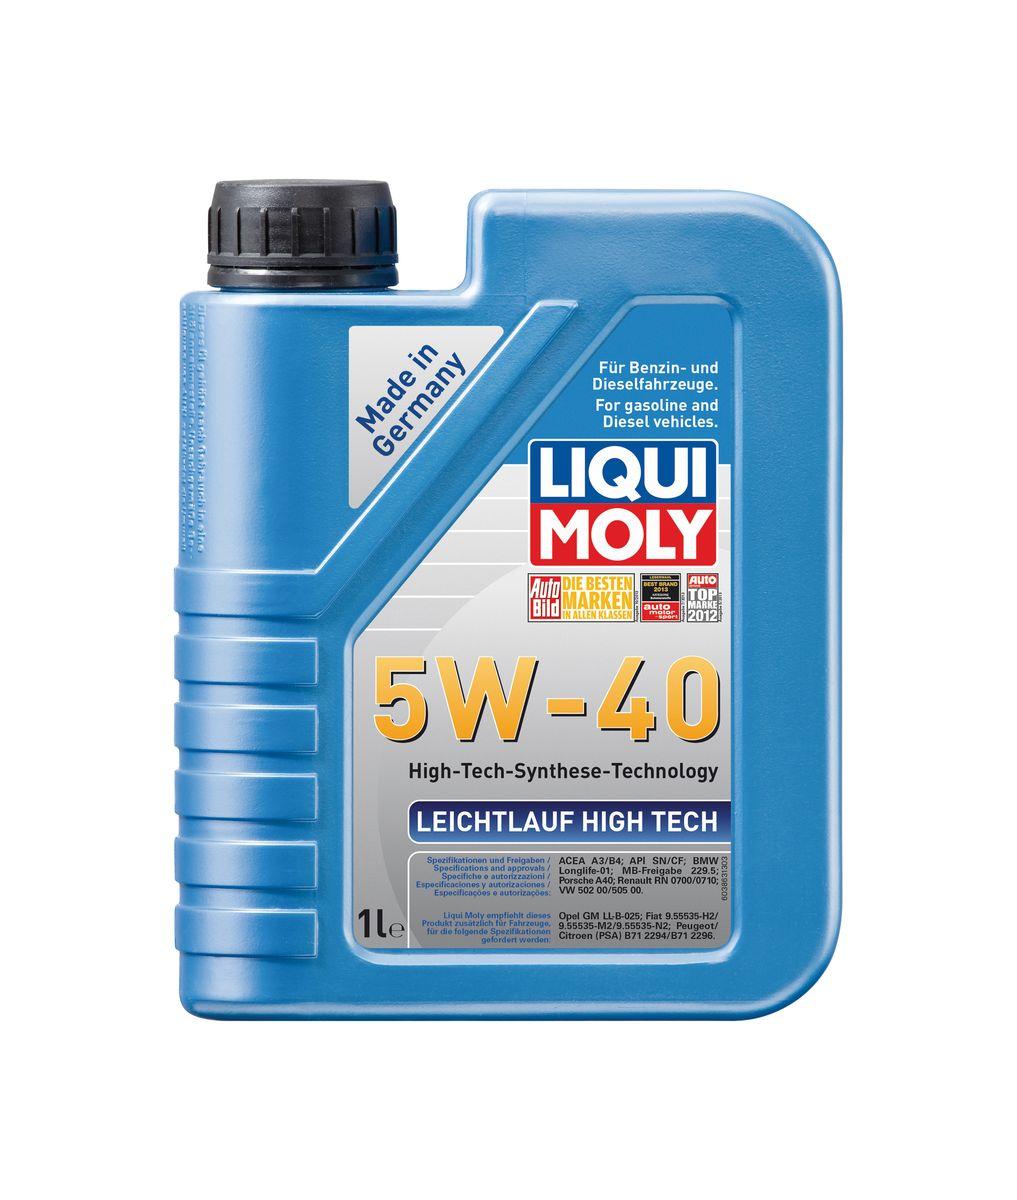 Масло моторное Liqui Moly Leichtlauf High Tech, НС-синтетическое, 5W-40, 1 л8028Масло моторное Liqui Moly Leichtlauf High Tech - универсальное моторное масло на базе гидрокрекинговой технологии синтеза (HC-синтеза). Удовлетворяет современным требованиям международных стандартов API и ACEA, а также имеет оригинальные допуски таких производителей, как Mercedes-Benz, Volkswagen Group. Масло имеет высокую стабильность к окислению и угару, поэтому может использоваться в нагруженных бензиновых и дизельных двигателях с турбонаддувом и интеркулером. В моторном масле Leichtlauf High Tec 5W-40 используются базовые компоненты, произведенные по новейшим технологиям синтеза и отличающиеся высочайшими защитными свойствами. Масло содержит специальный пакет присадок, который обеспечивает высочайший уровень защиты от износа, предотвращает образование и накопление отложений в масляной системе и гарантирует стабильное поступление масла ко всем деталям двигателя. Особенности: - Быстрое поступление масла к деталям двигателя при низких...